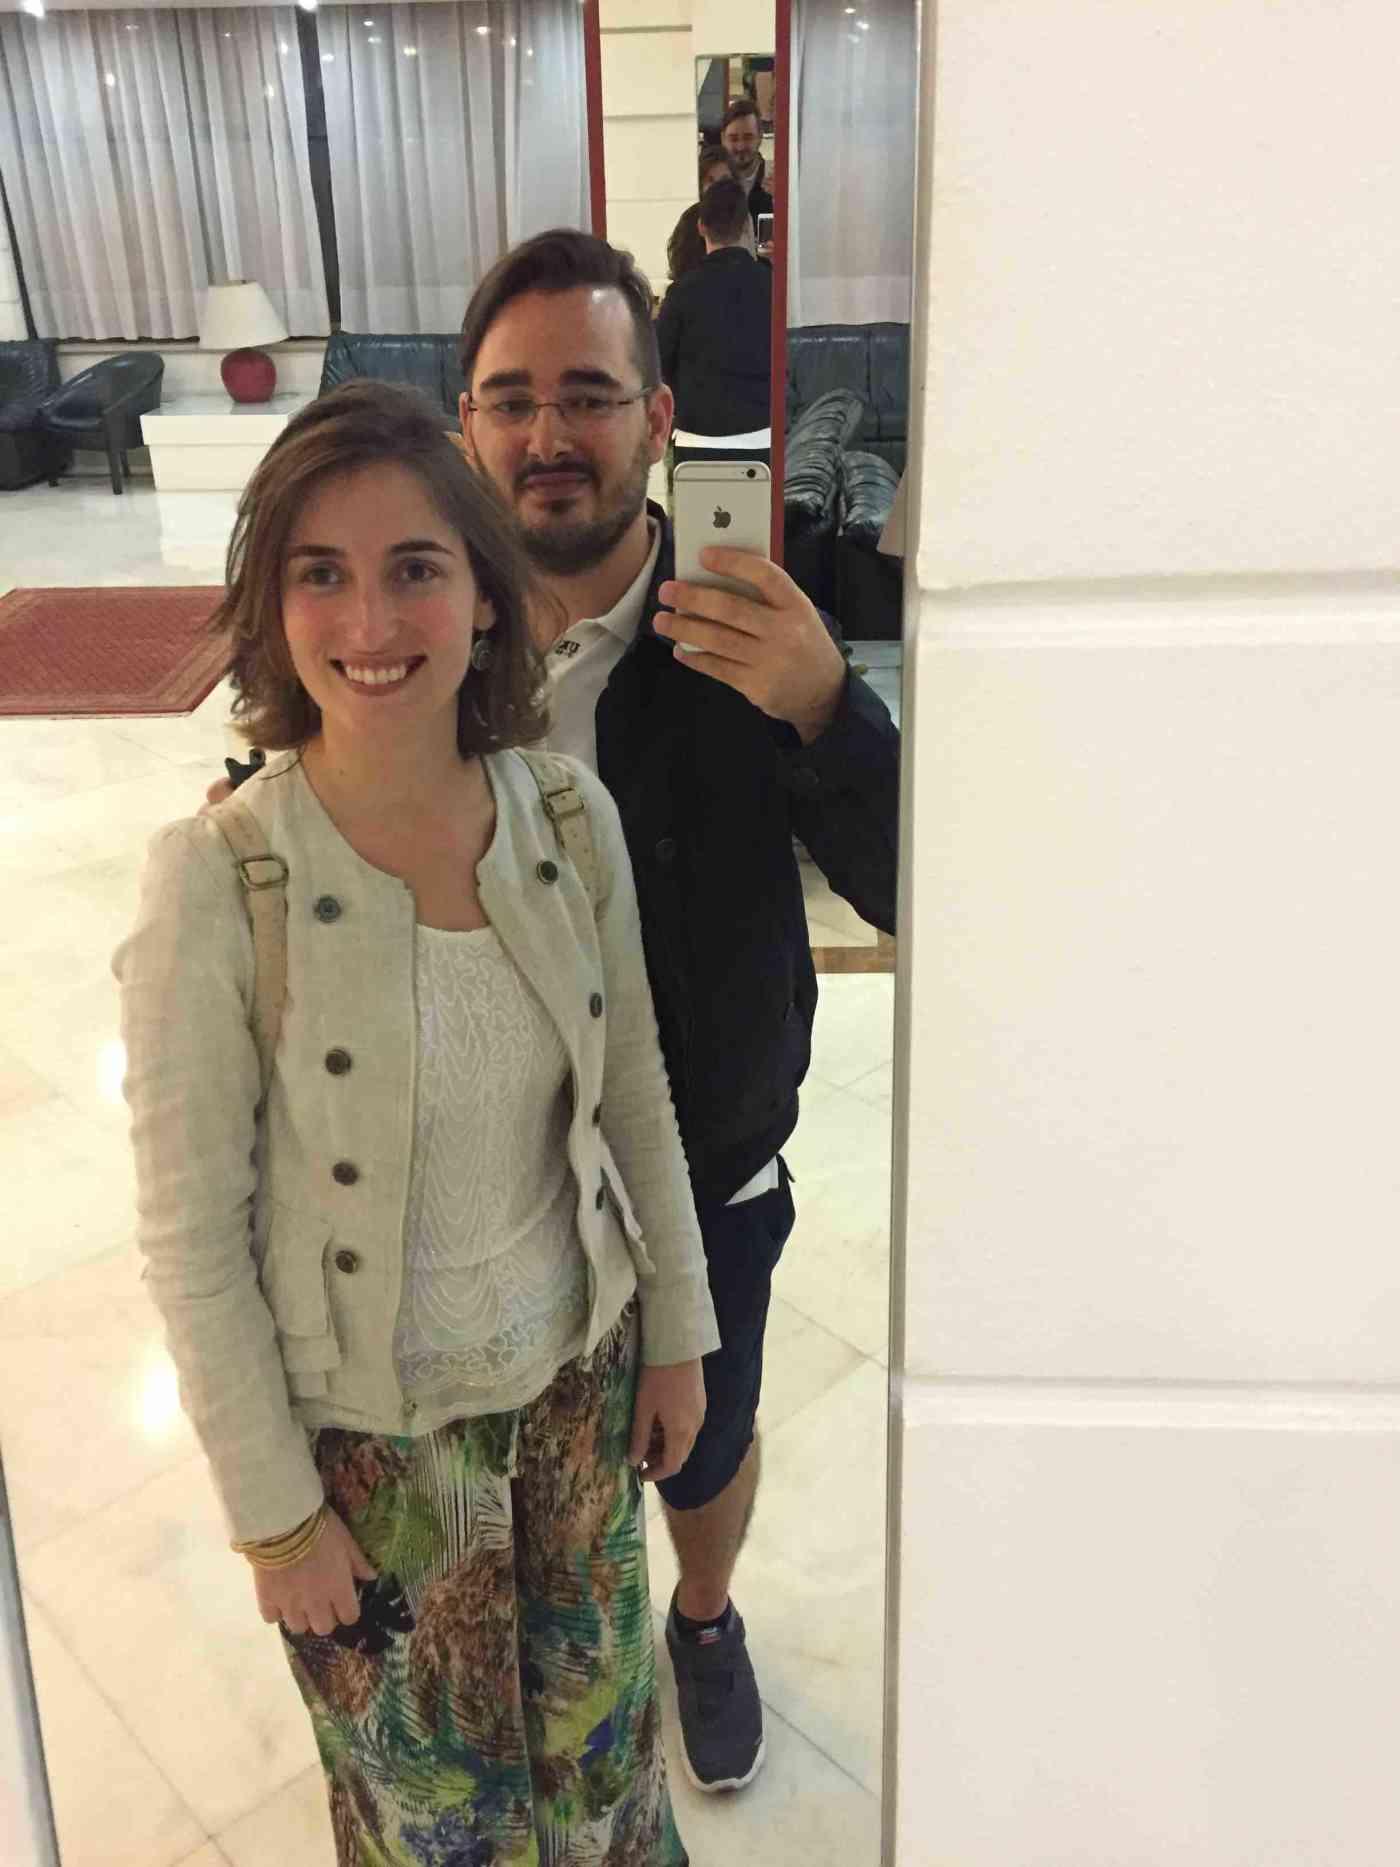 Bruno and Patrícia